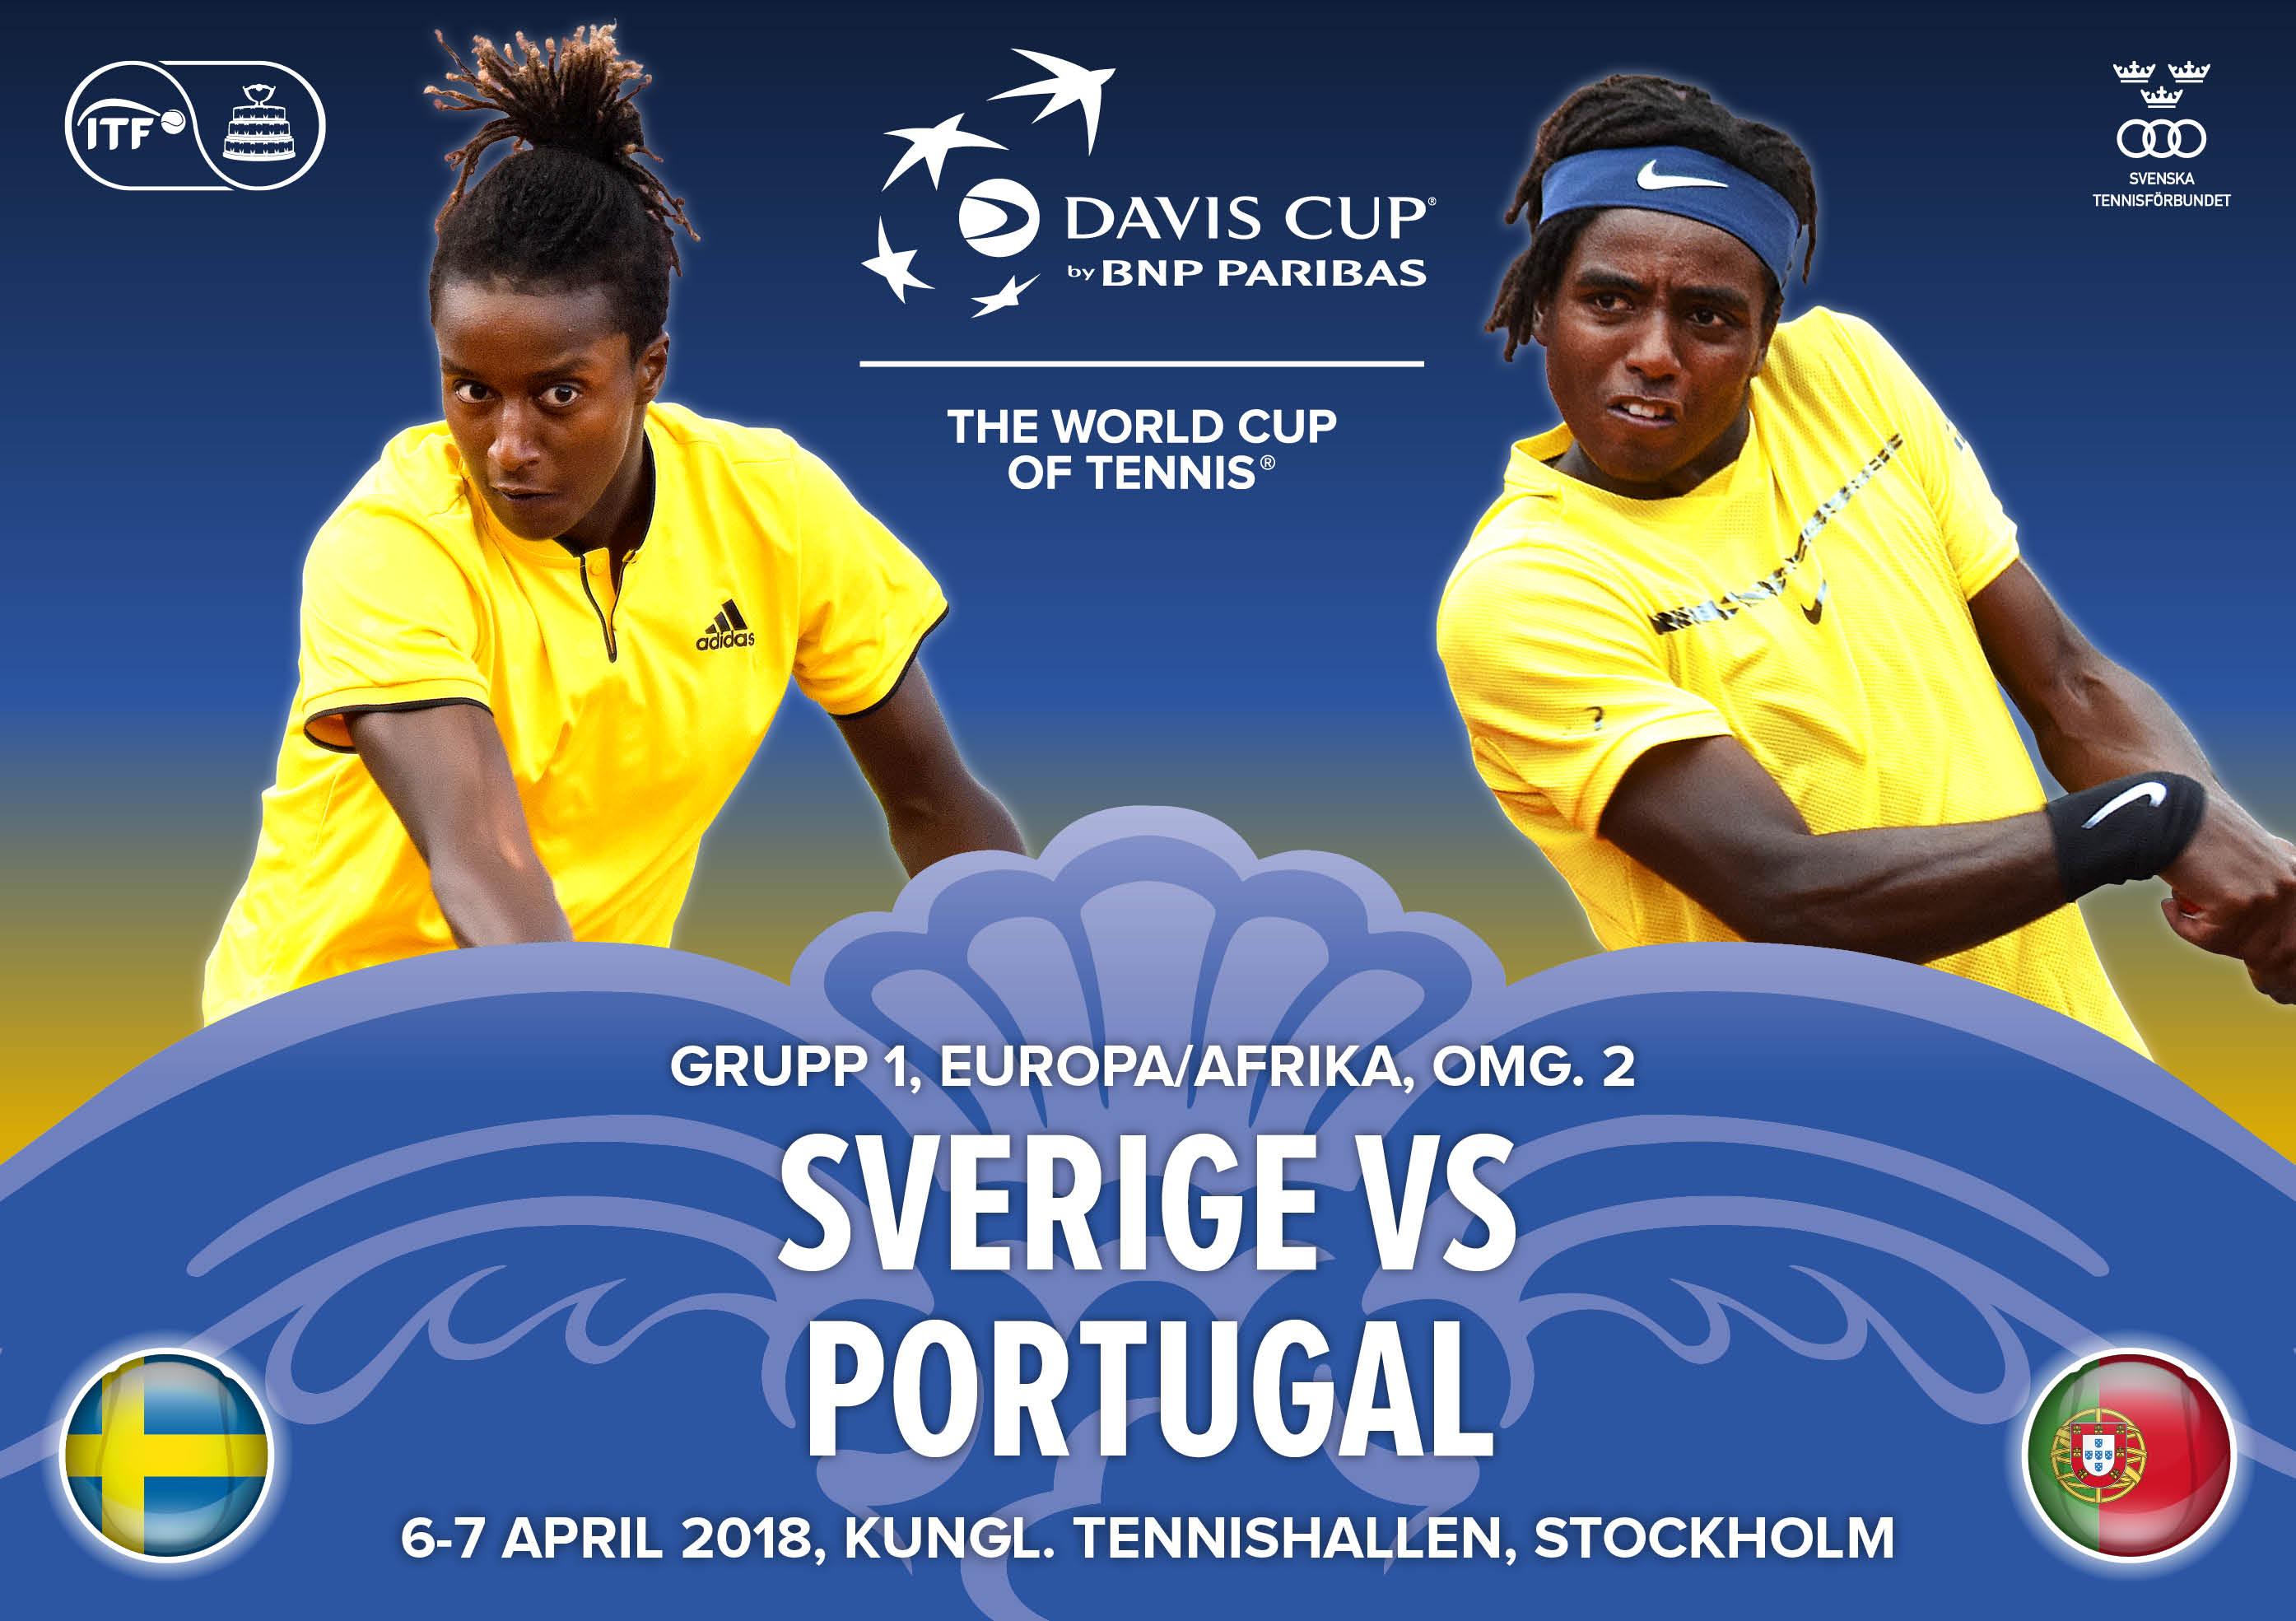 Vi söker funktionärer till Davis Cup-matchen mellan Sverige och Portugal som spelas i Kungl. Tennishallen, Stockholm den 6-7 april.